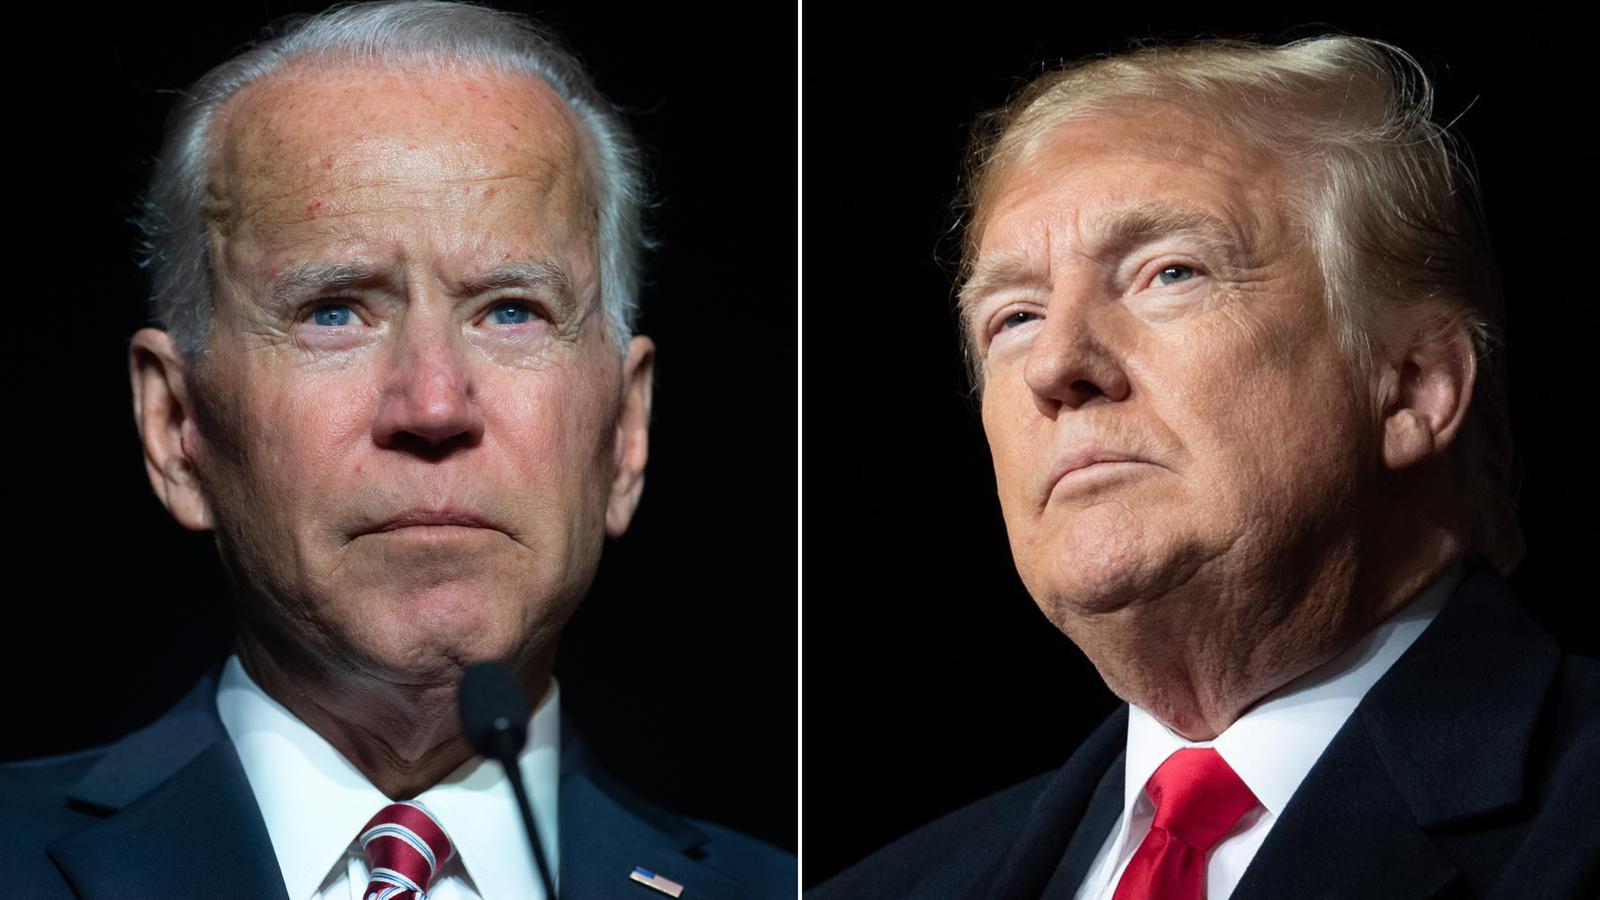 CNN poll: Biden leads Trump in national head-to-head matchup